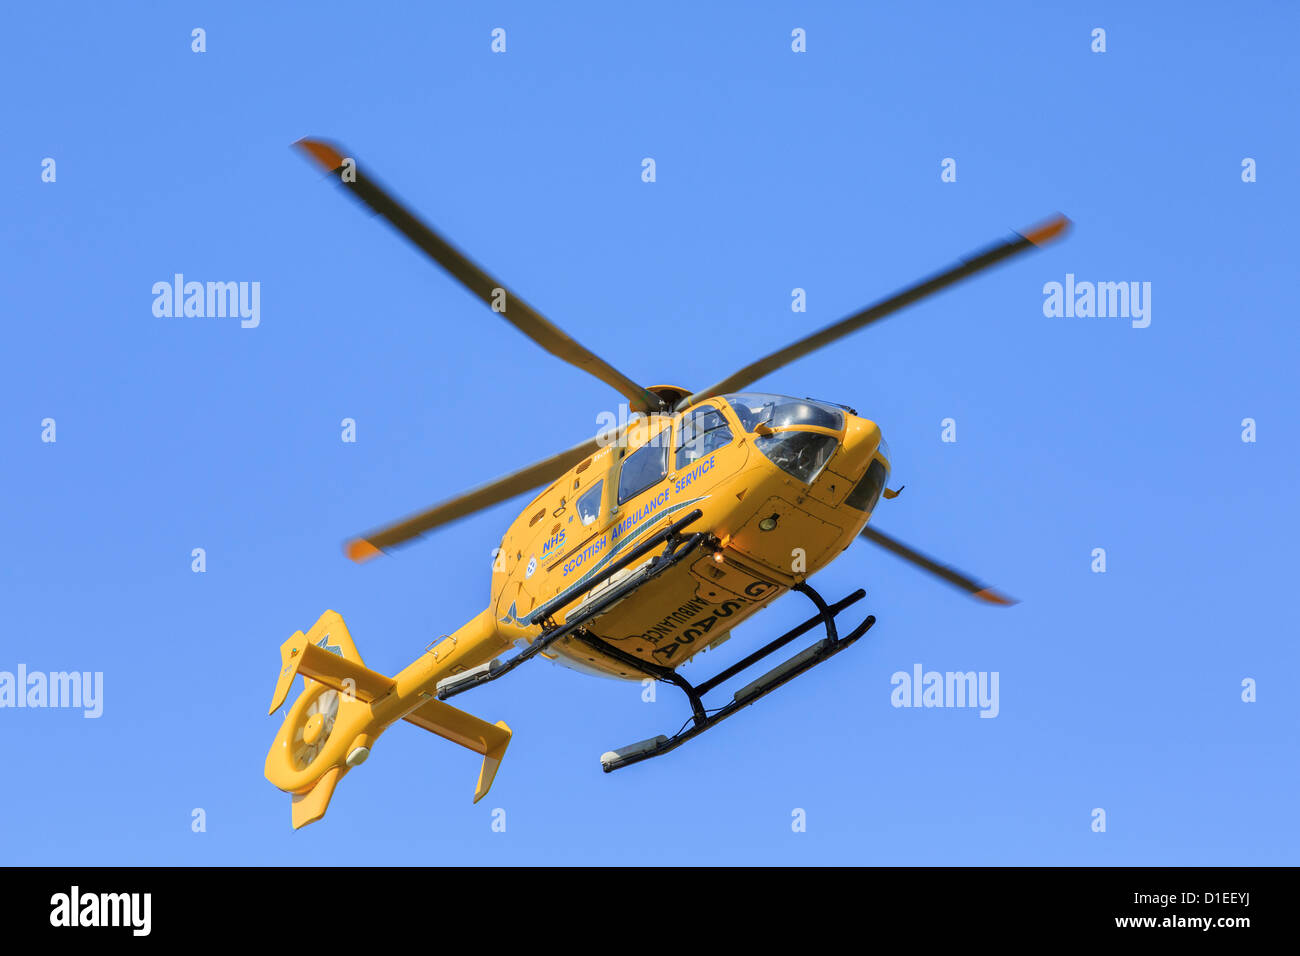 Giallo Scottish Air Ambulance Service elicottero volando overhead da una missione di soccorso visto da sotto contro Immagini Stock